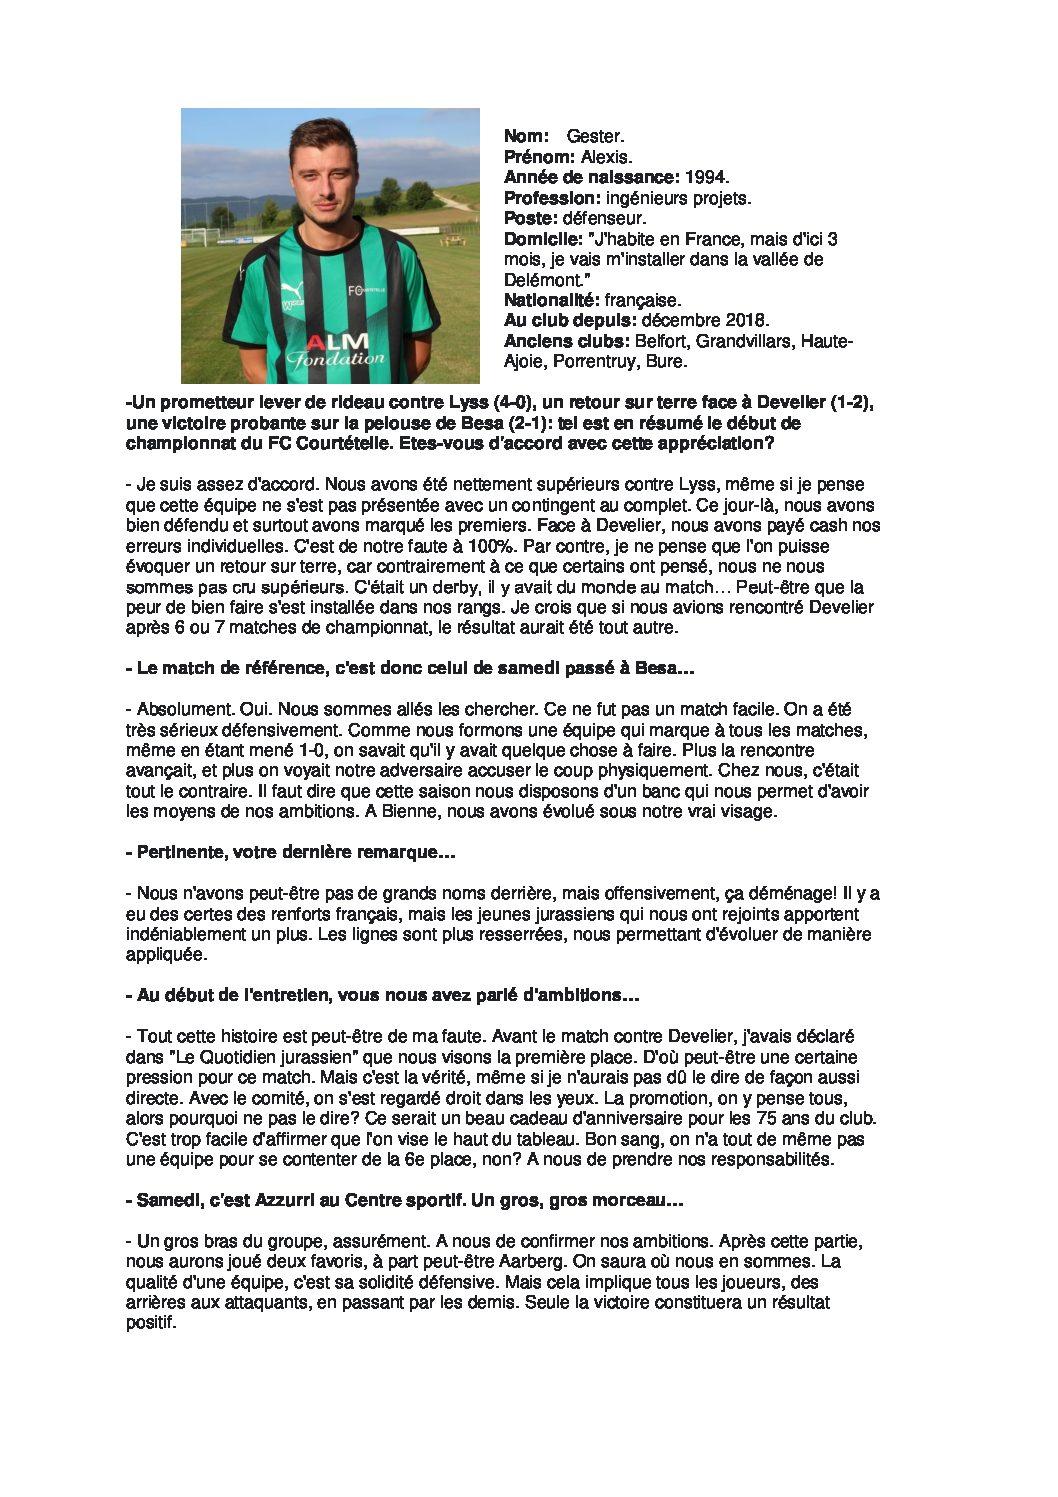 Avant match Azzurri Bienne du 7 septembre 2019 Interview Alexis Gester